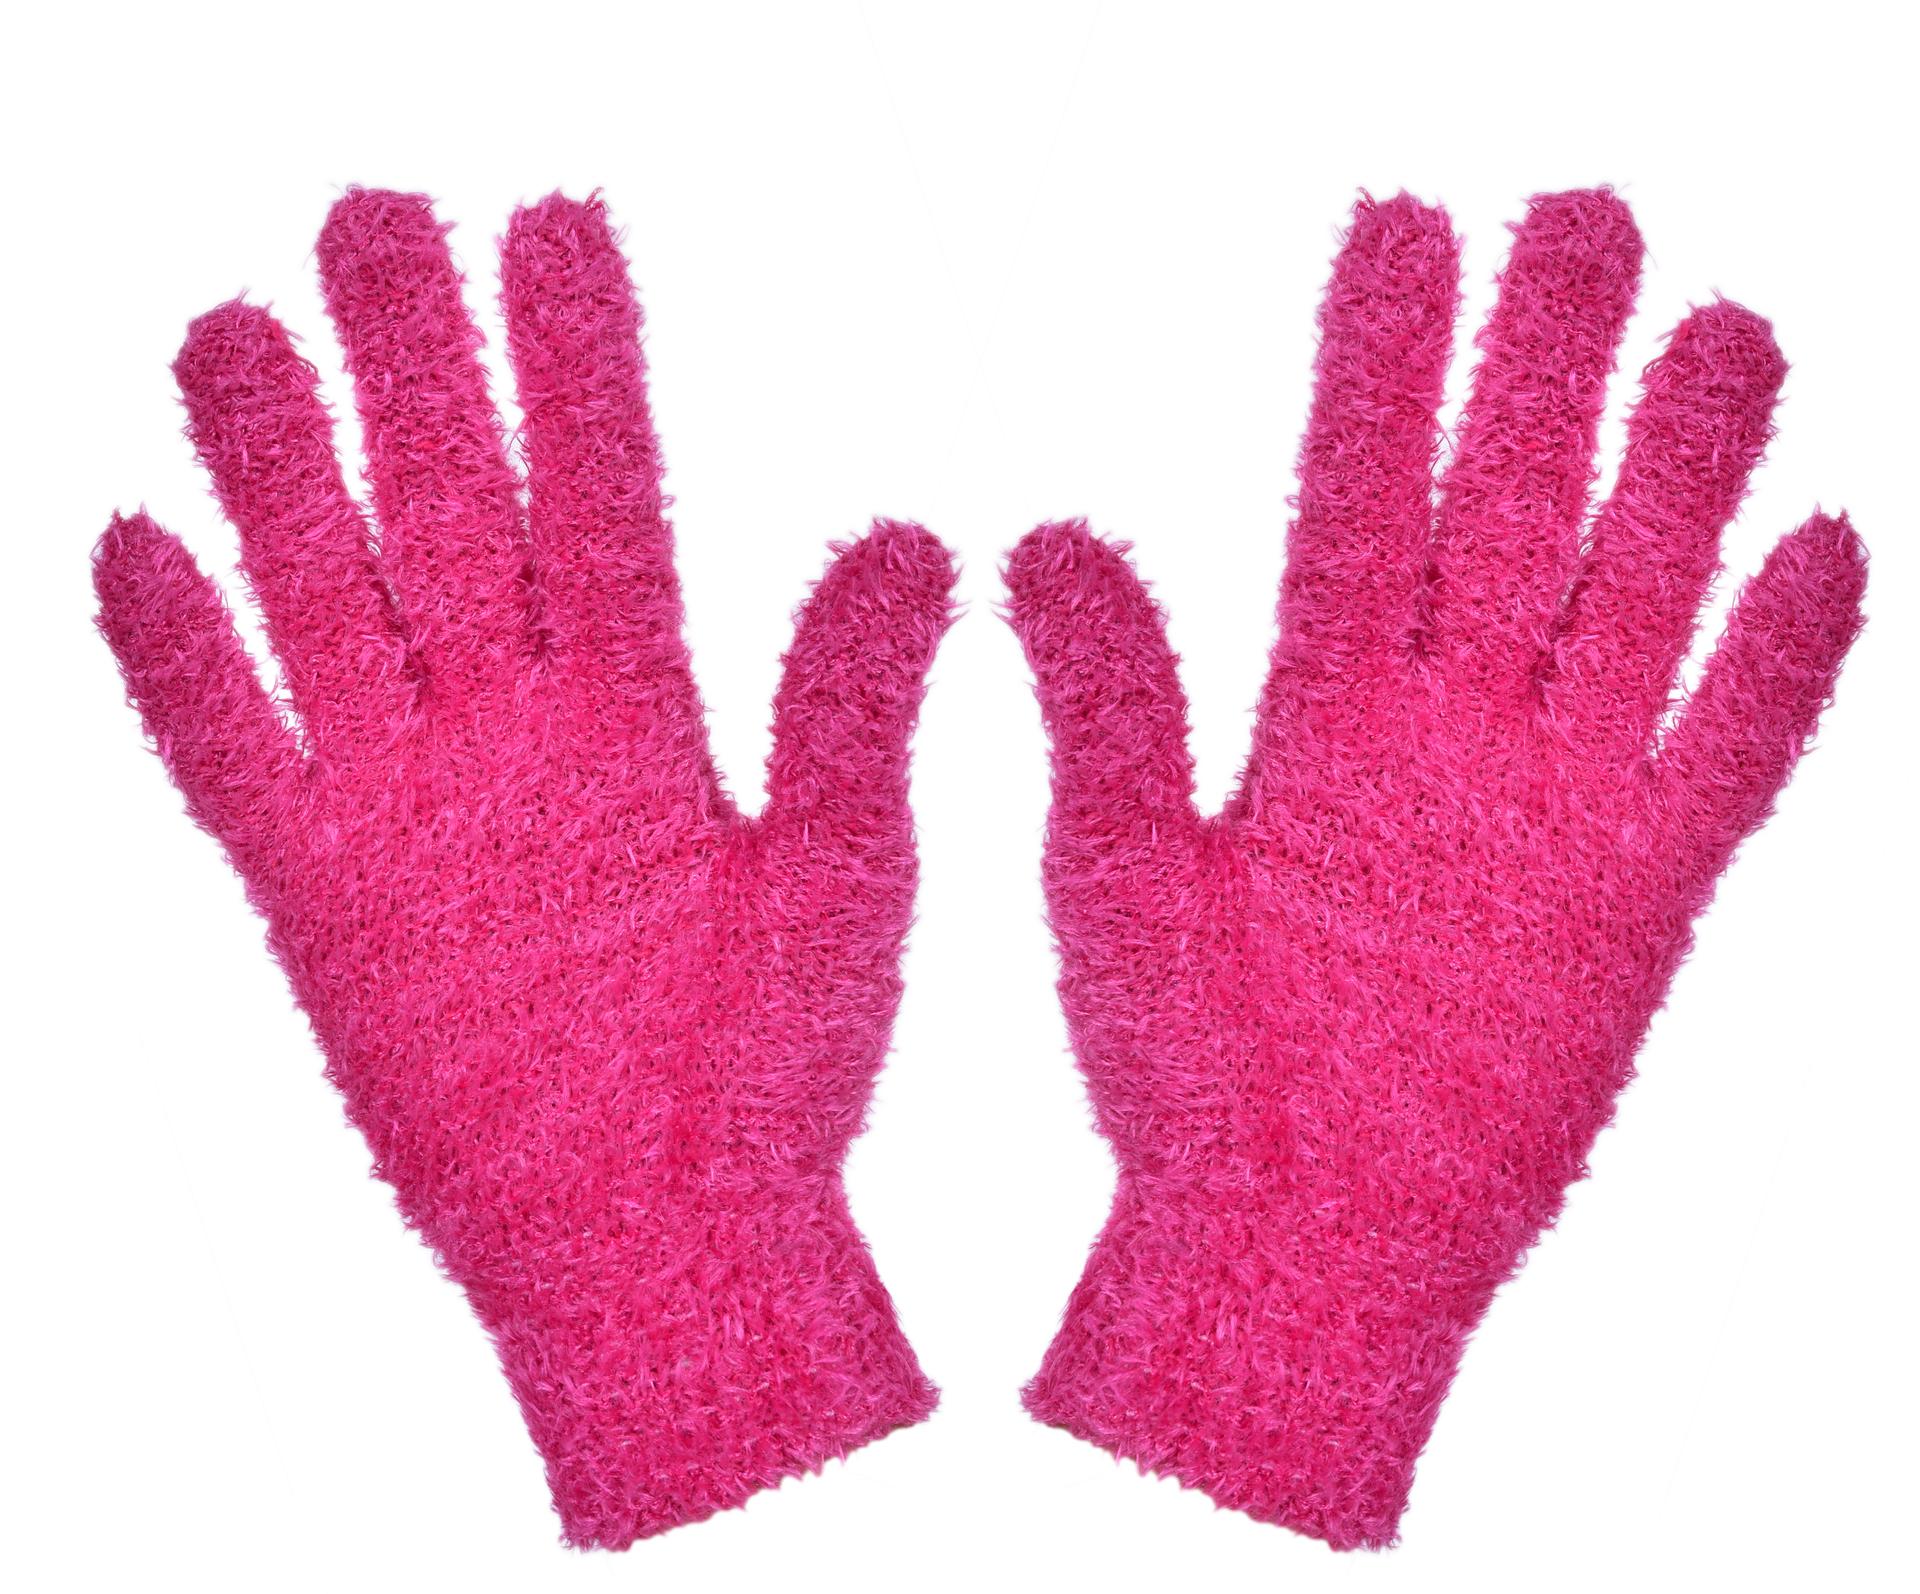 Žinylkové rukavice hřejivé, fuchsiové